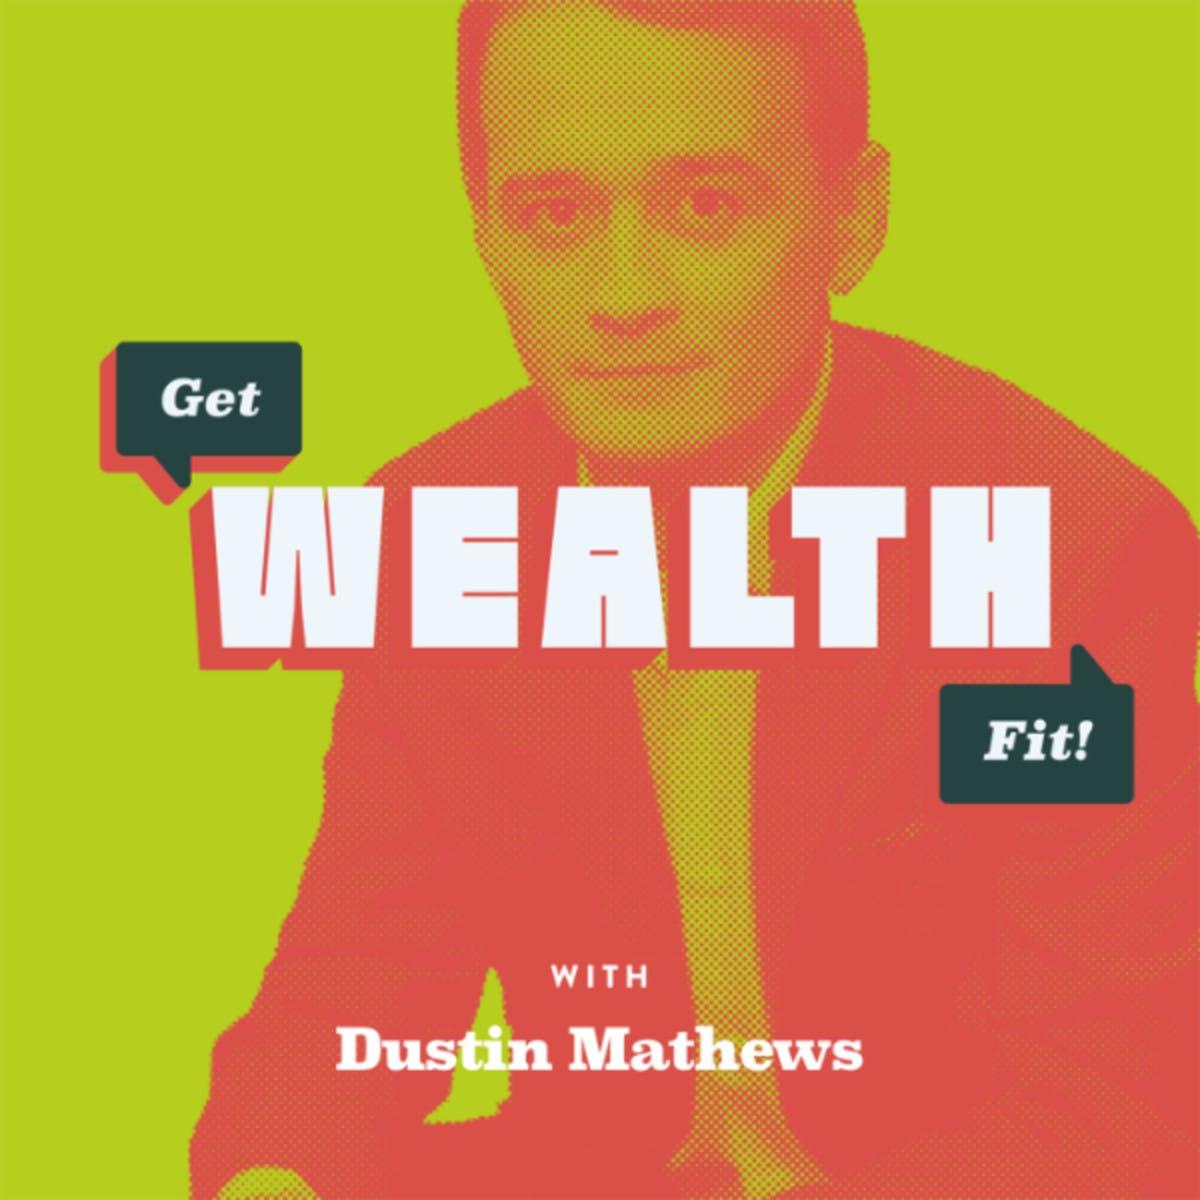 Get WealthFit!